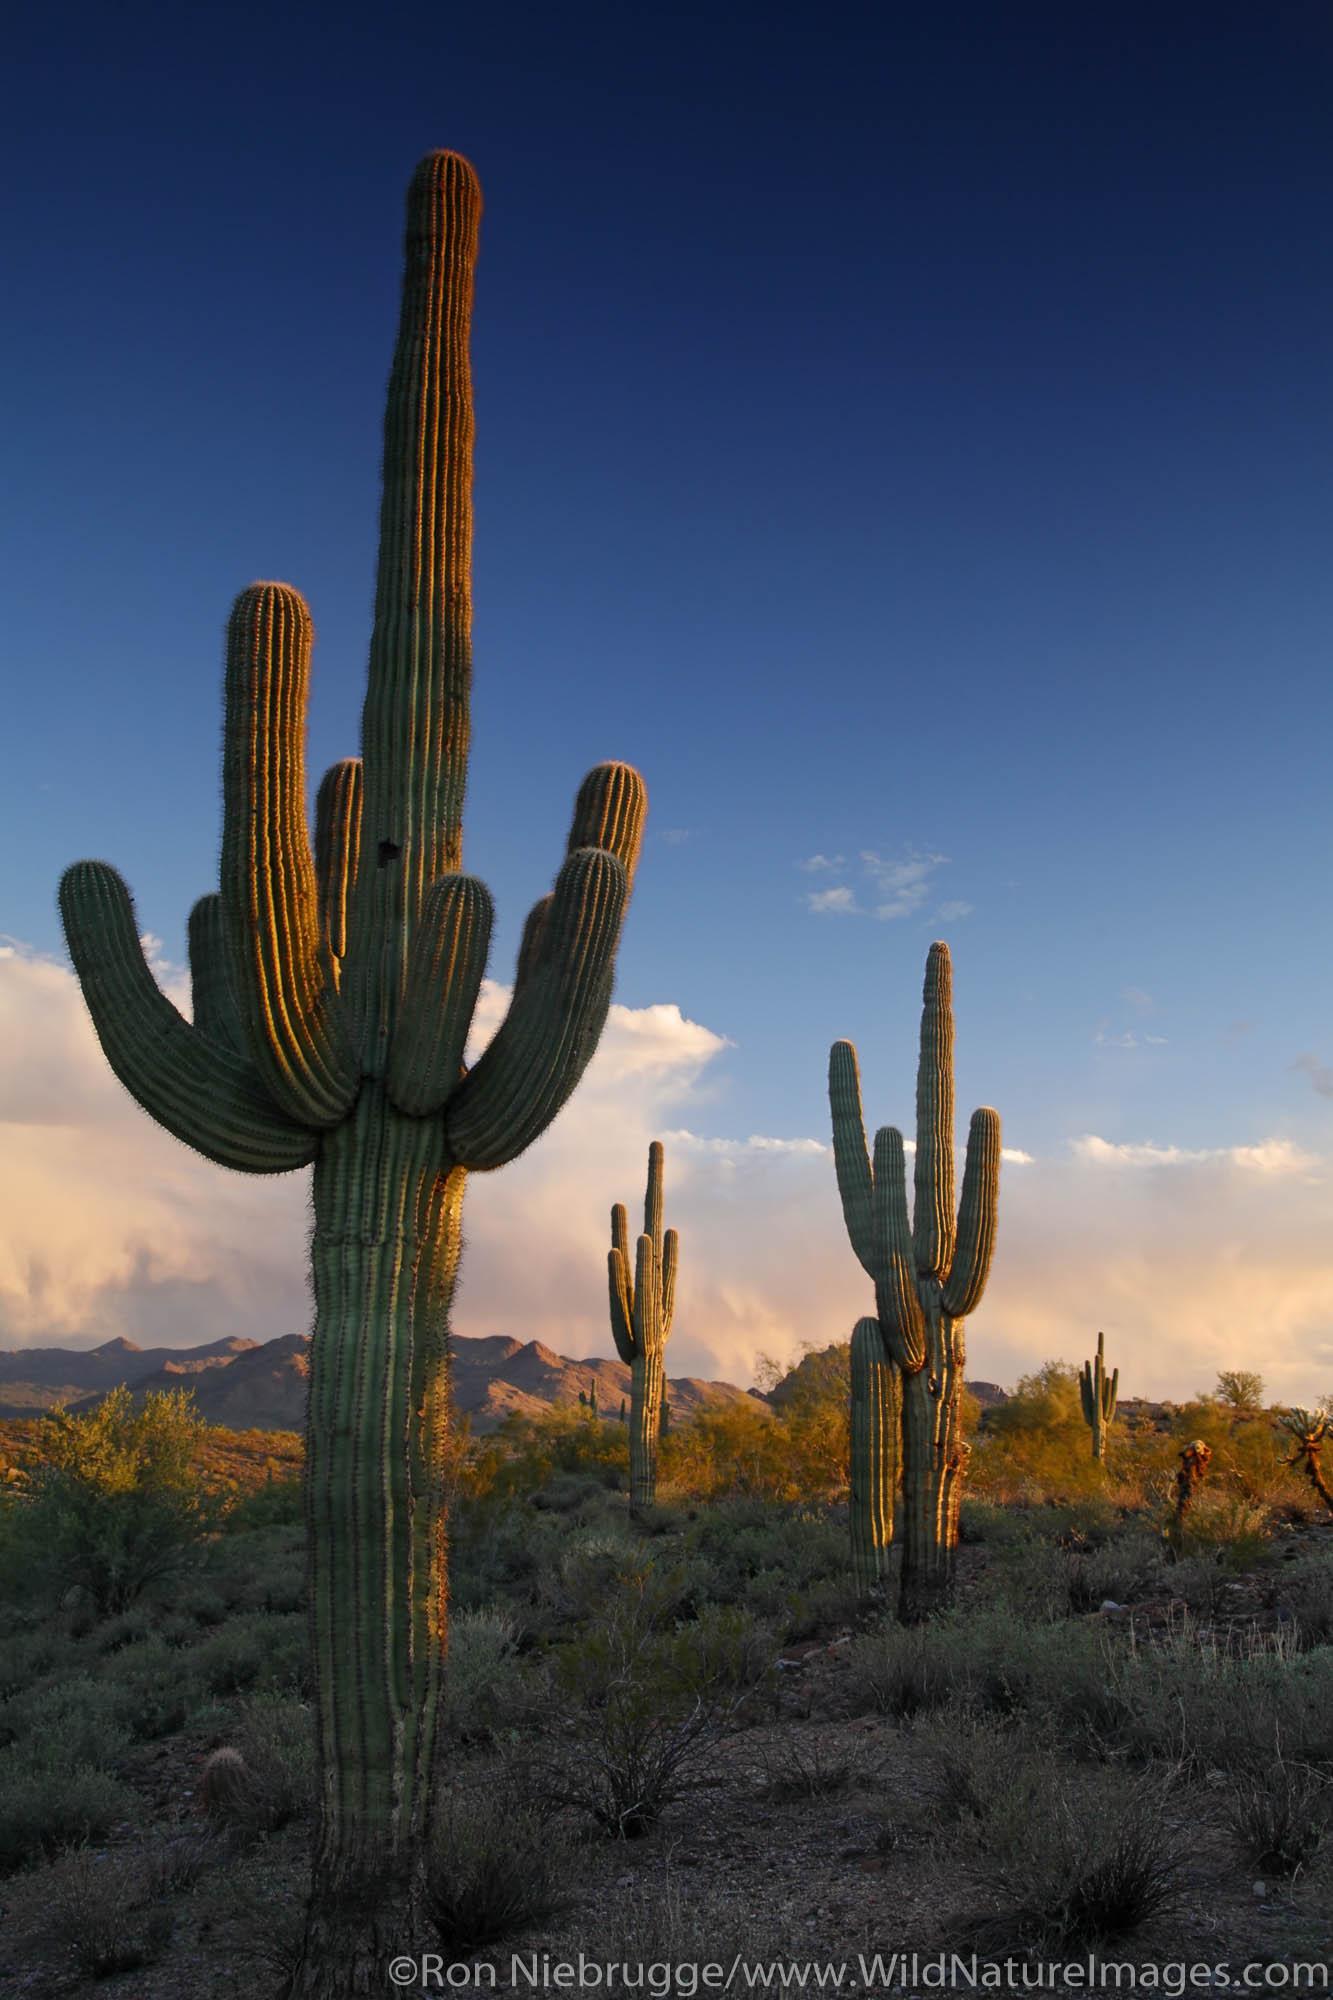 Saguaro Cactus in Fountain Hills, near Phoenix, Arizona.